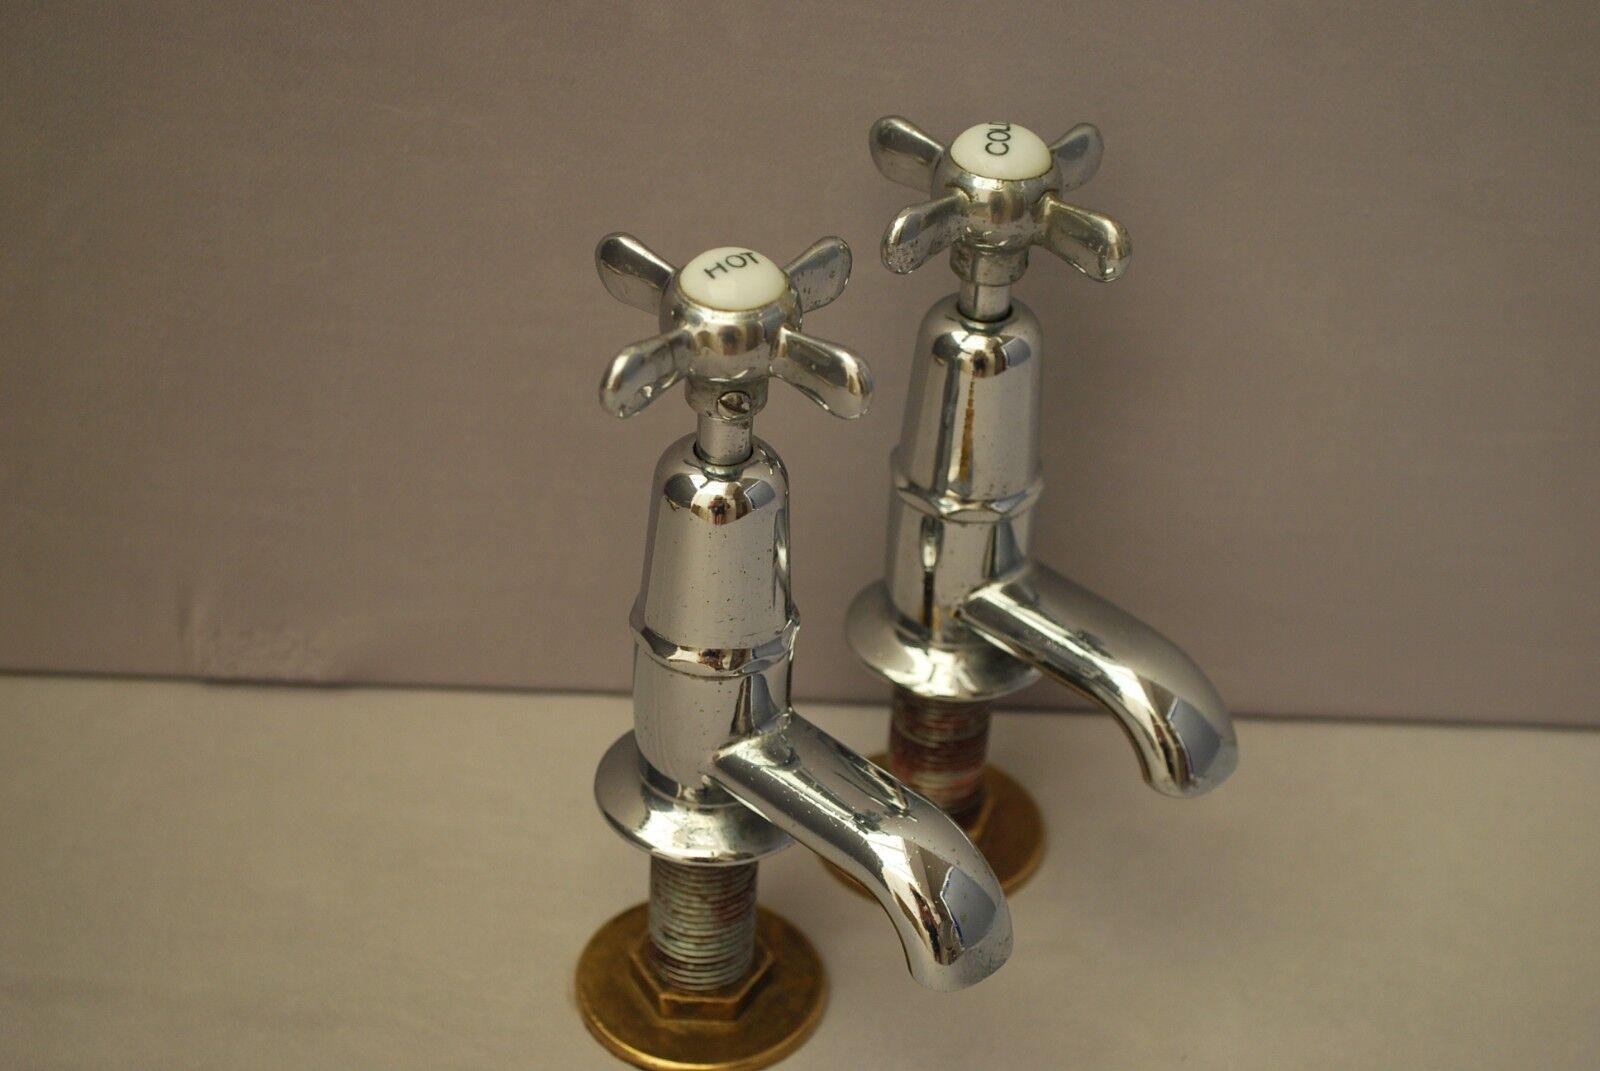 Chrome Salle de bains Basin robinets Reclaimed & entièrement remis à neuf rétro robinets (G3)